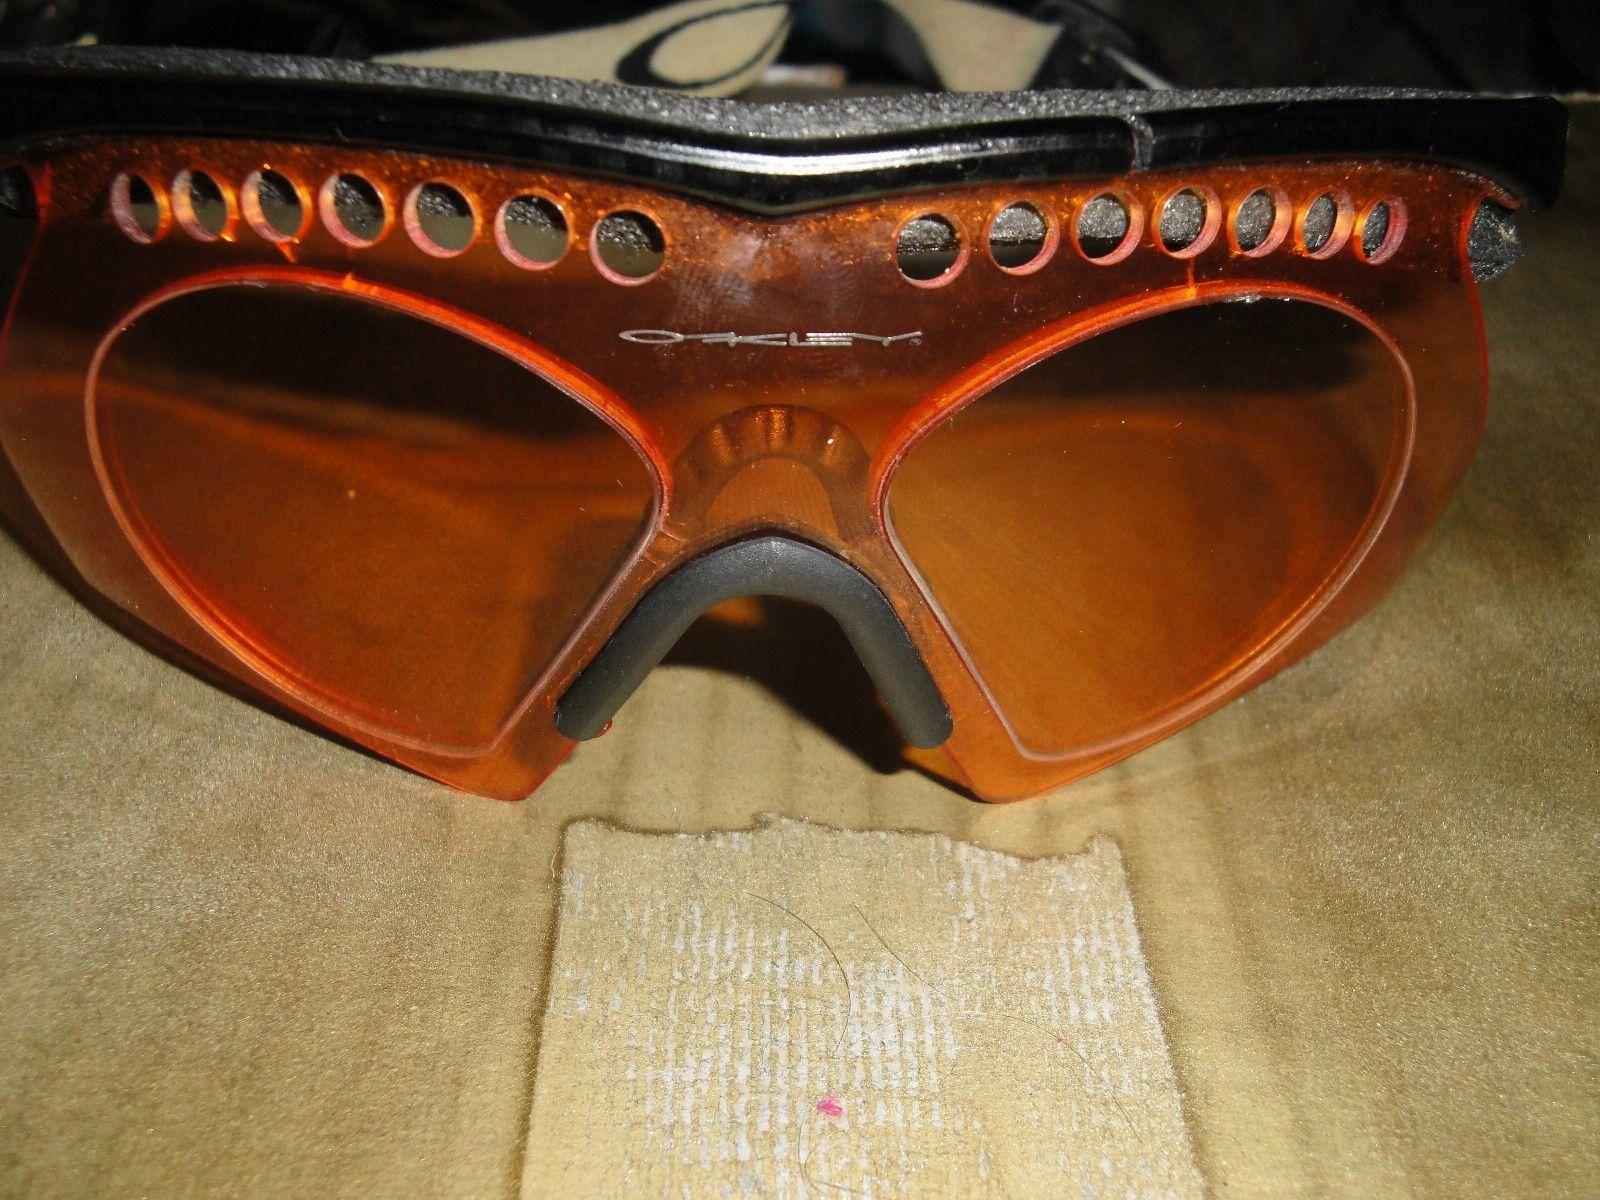 Unknown Glasses - unknown_www.kepfeltoltes.hu_.jpg